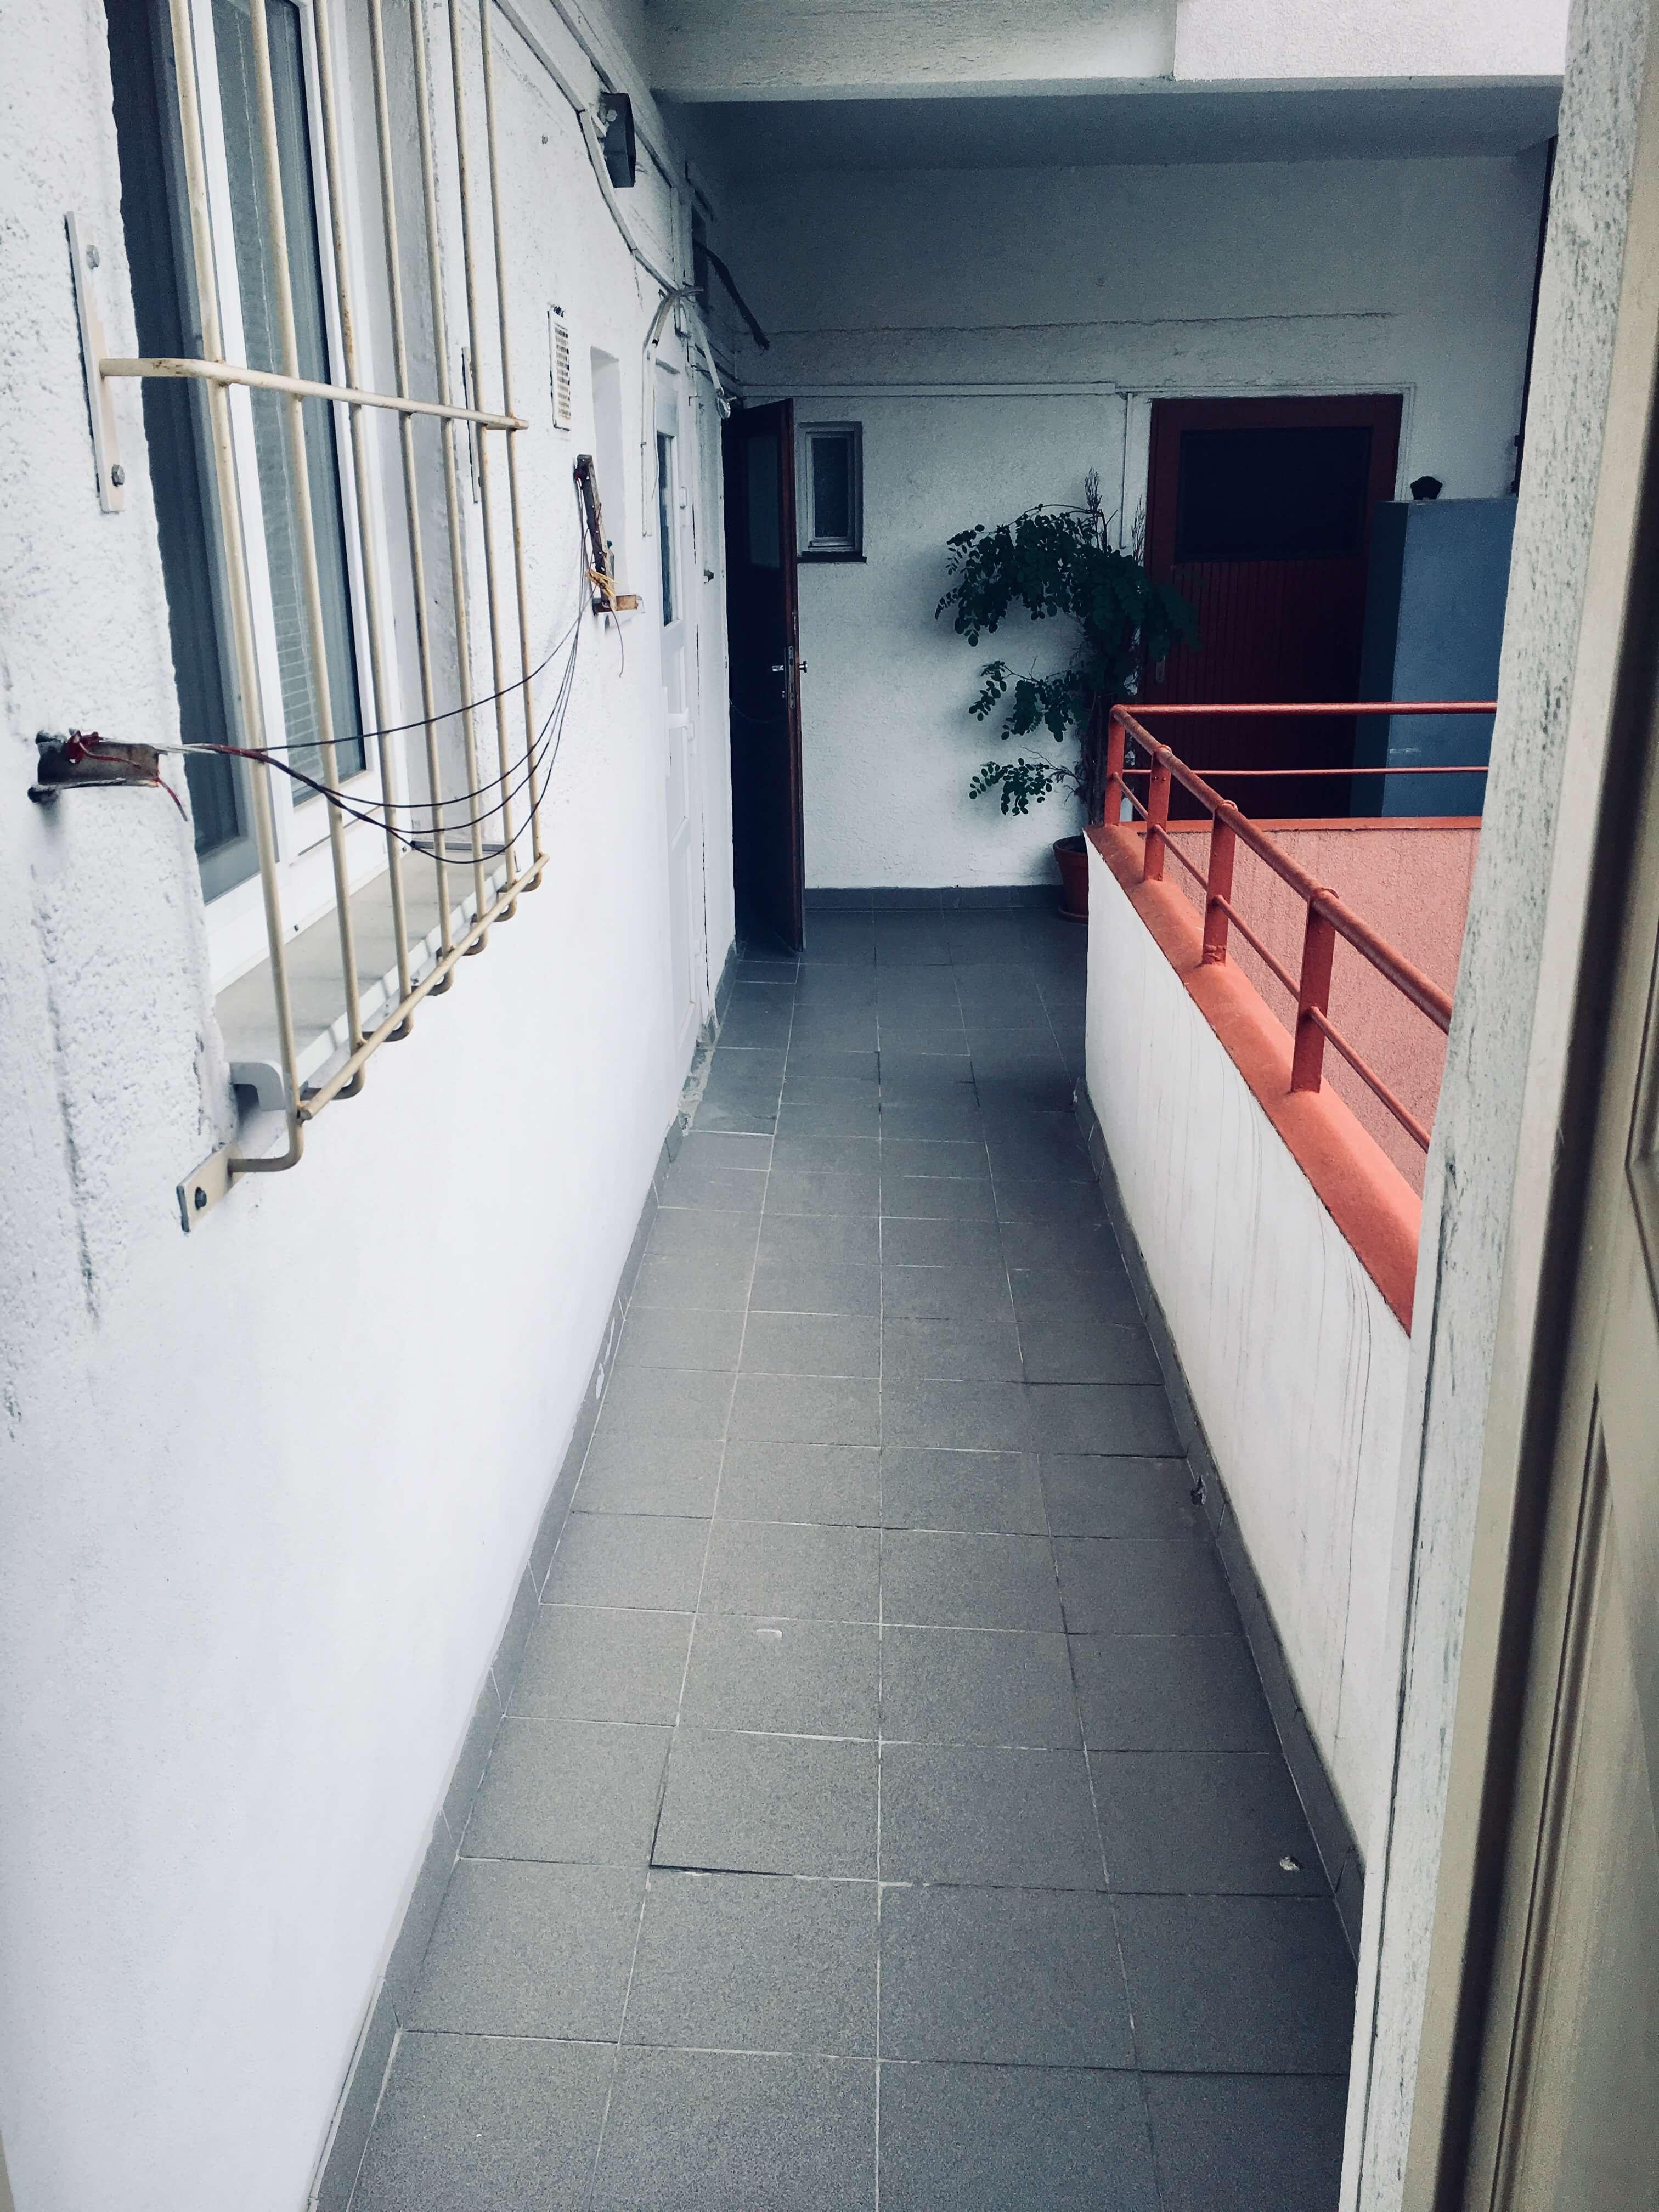 Prenajaté: Exkluzívne na prenájom 1 Izbový byt, 43 m2, pavlač 7 m2, Šancová 25, Staré mesto-5